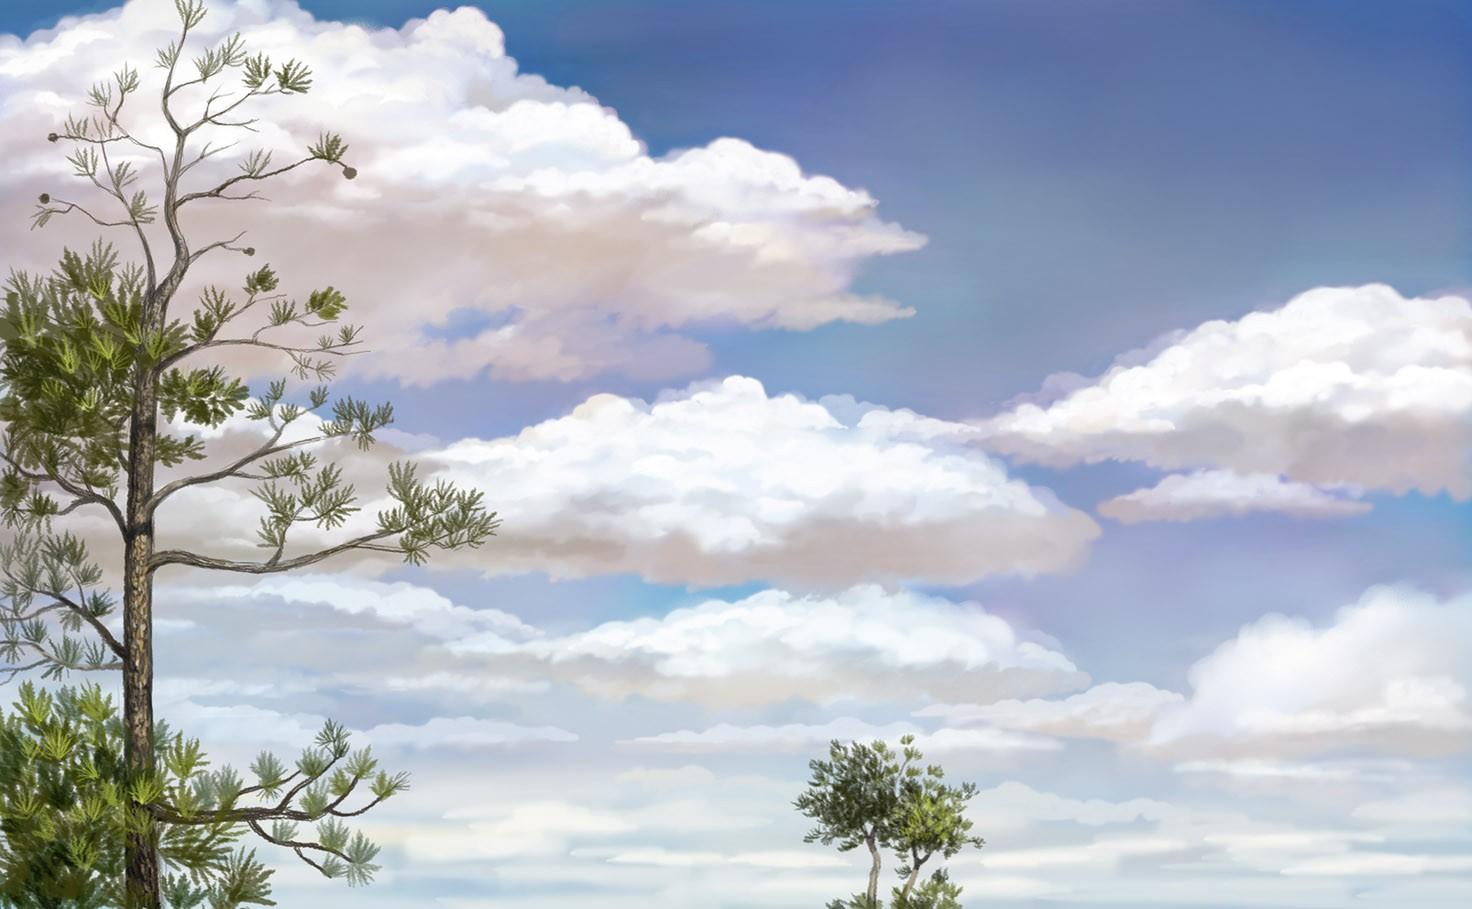 背景 壁纸 风景 天空 桌面 1472_909